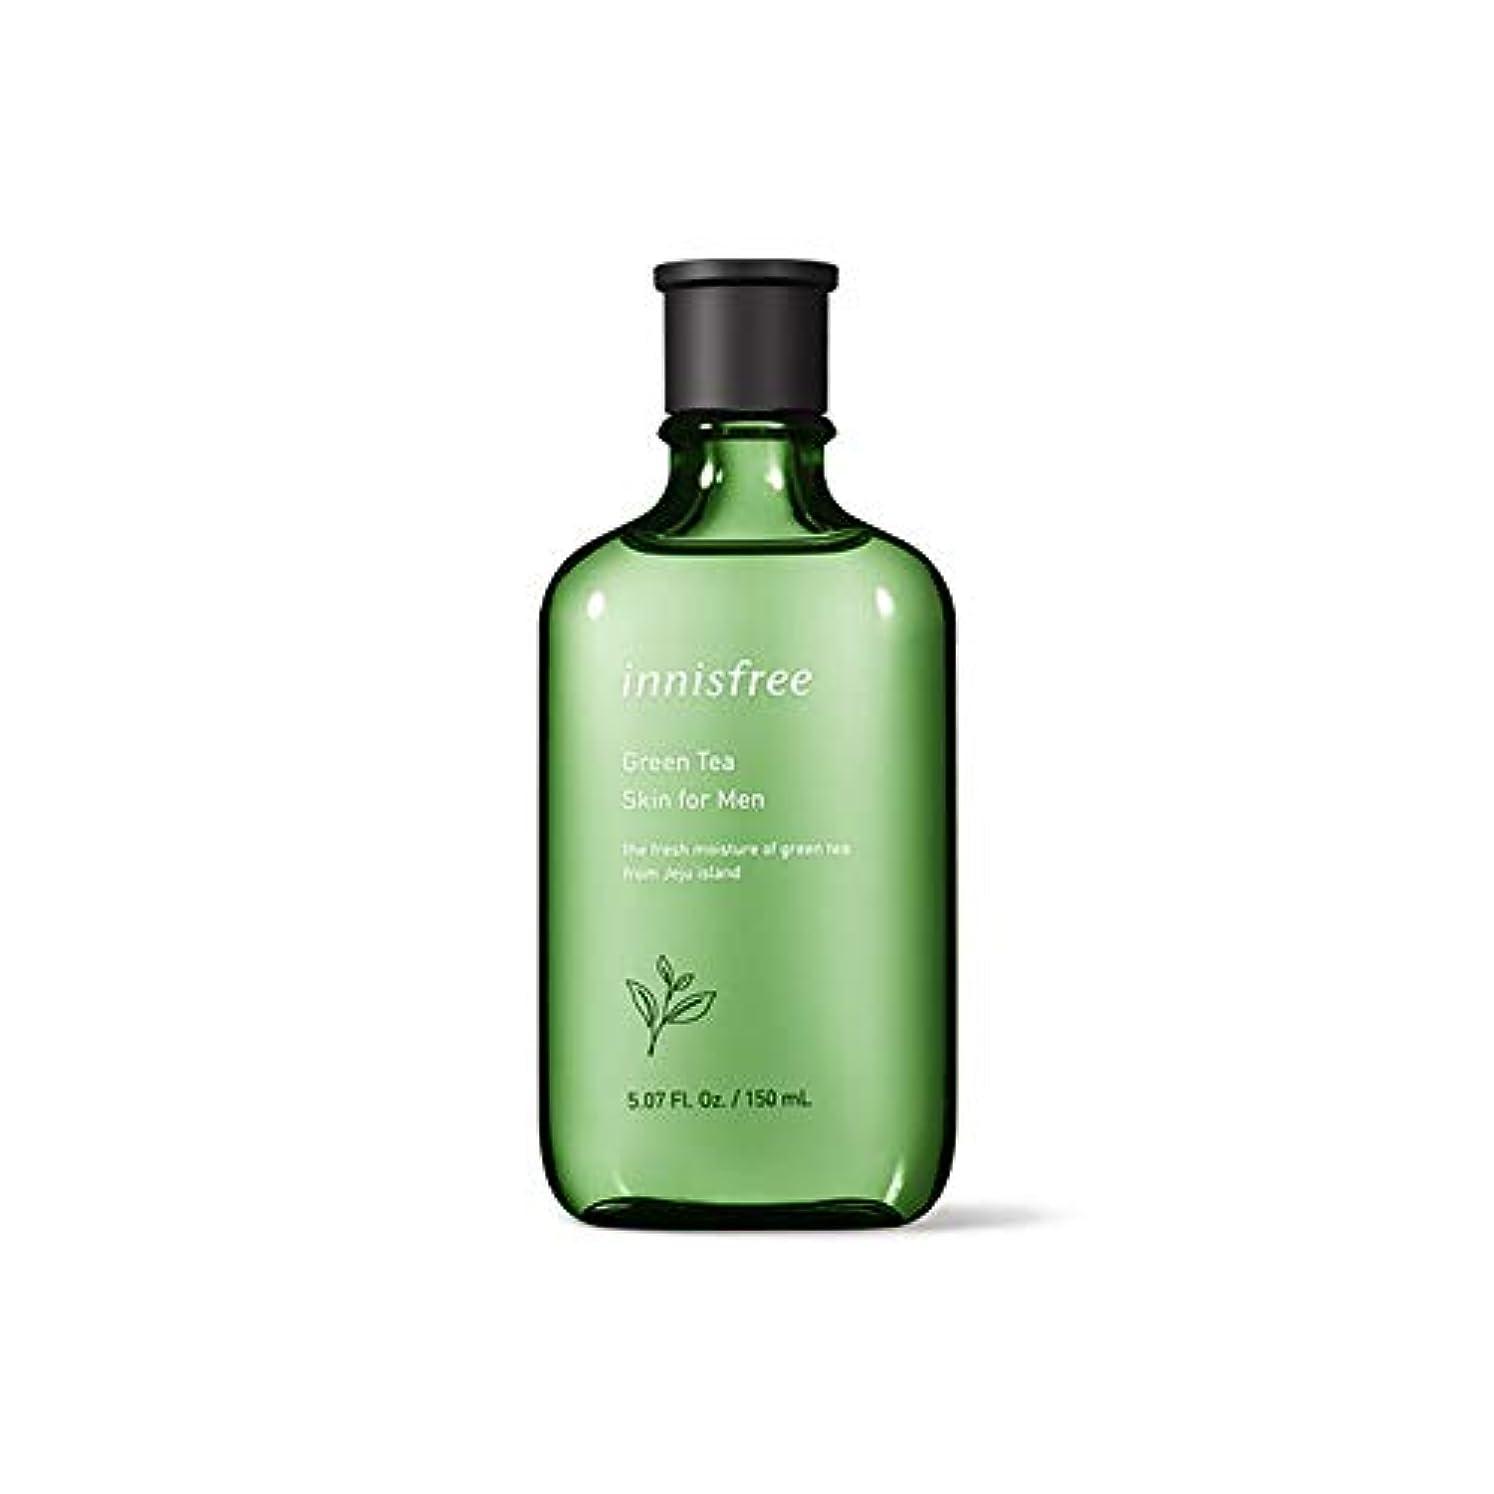 コンソールジレンマアプライアンスイニスフリー Innisfree グリーンティースキンフォーメン(150ml) Innisfree Green Tea Skin For Men(150ml) [海外直送品]